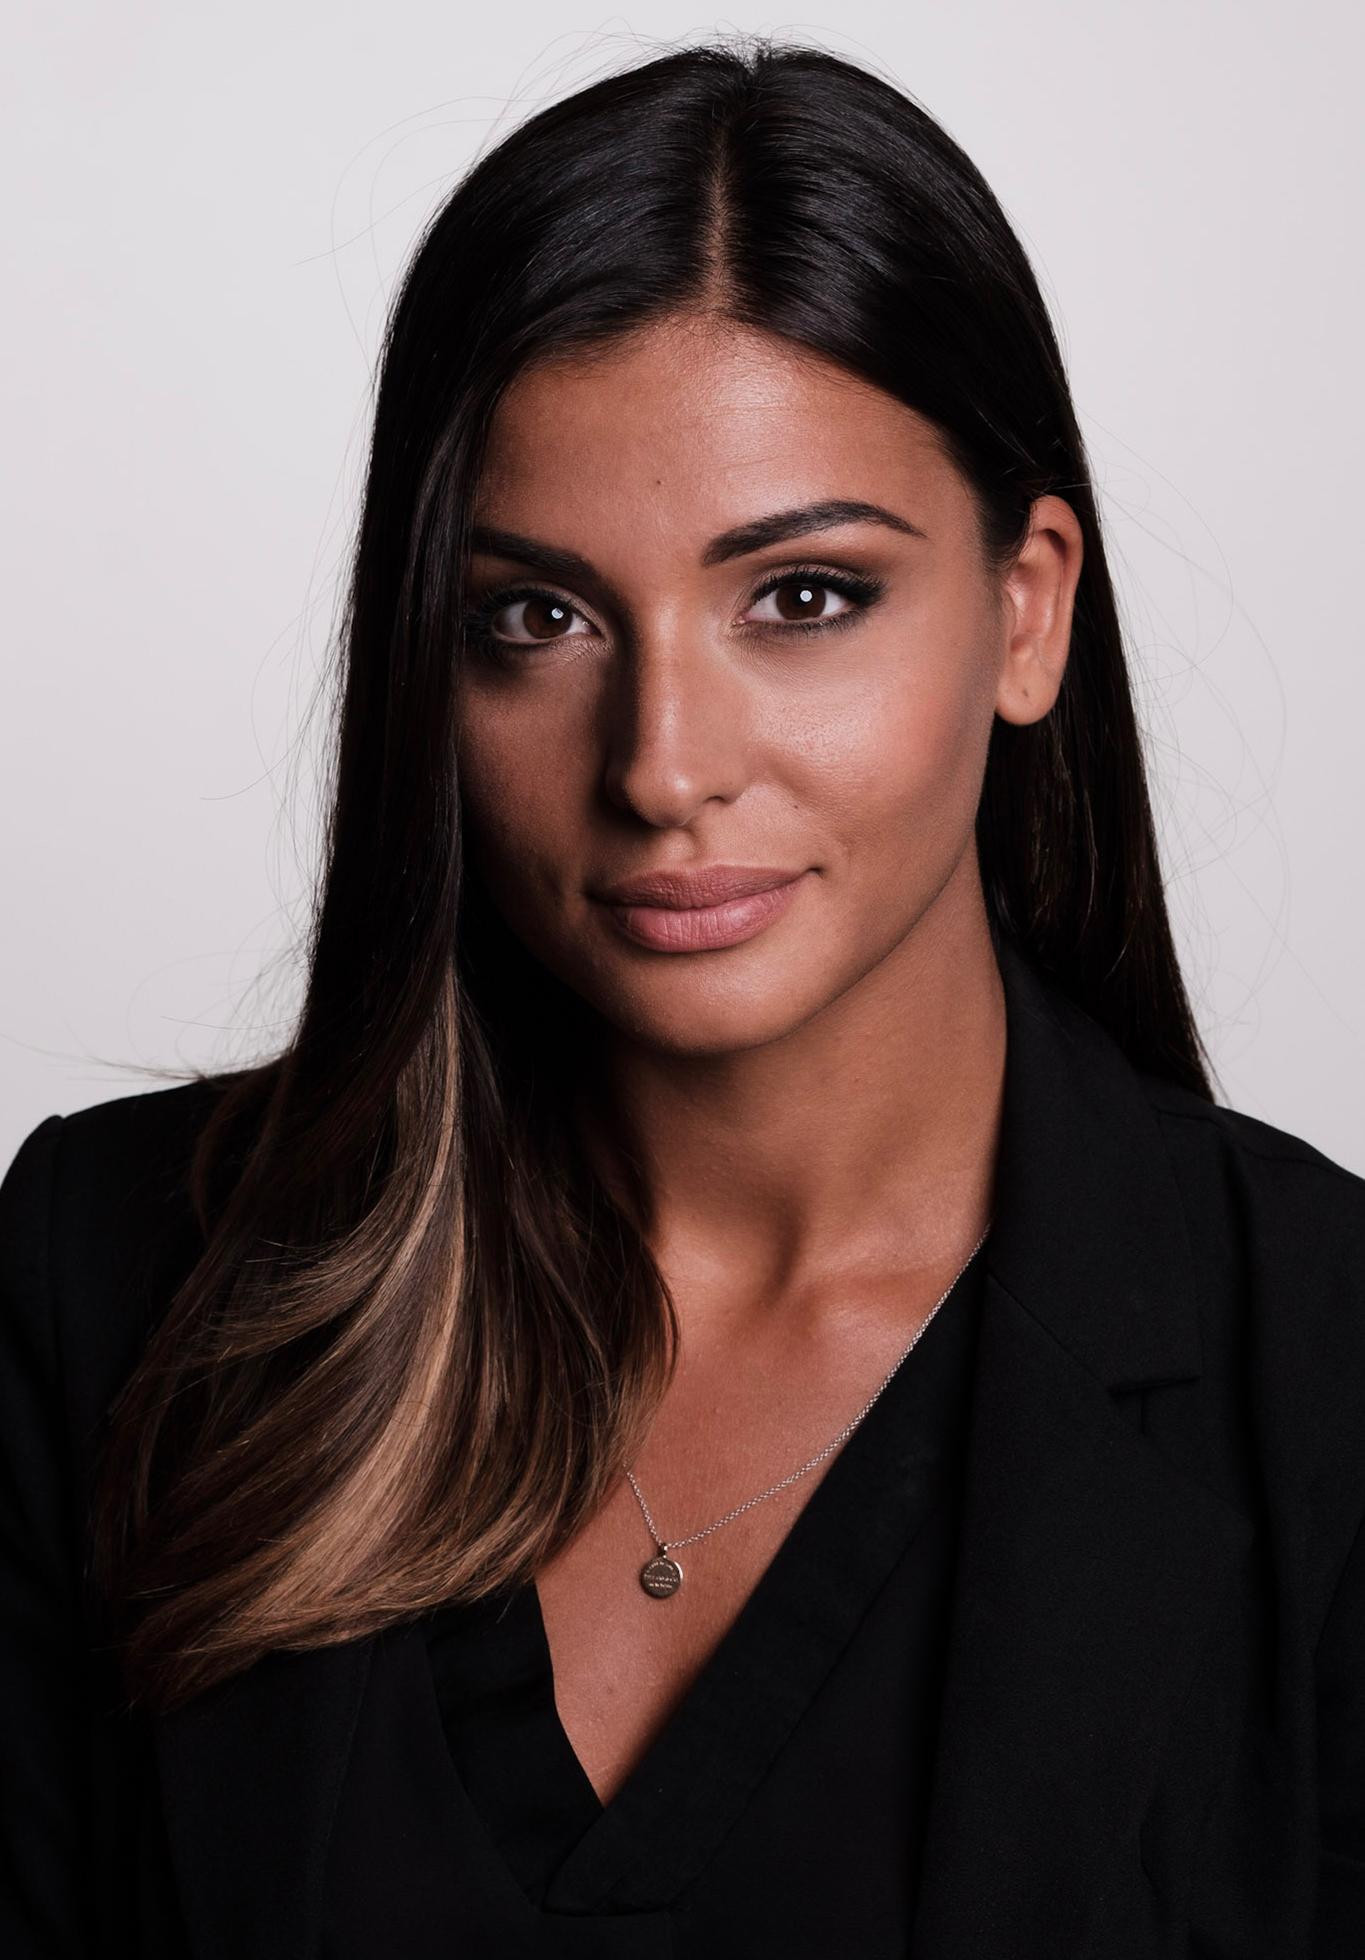 Giulia Perrone